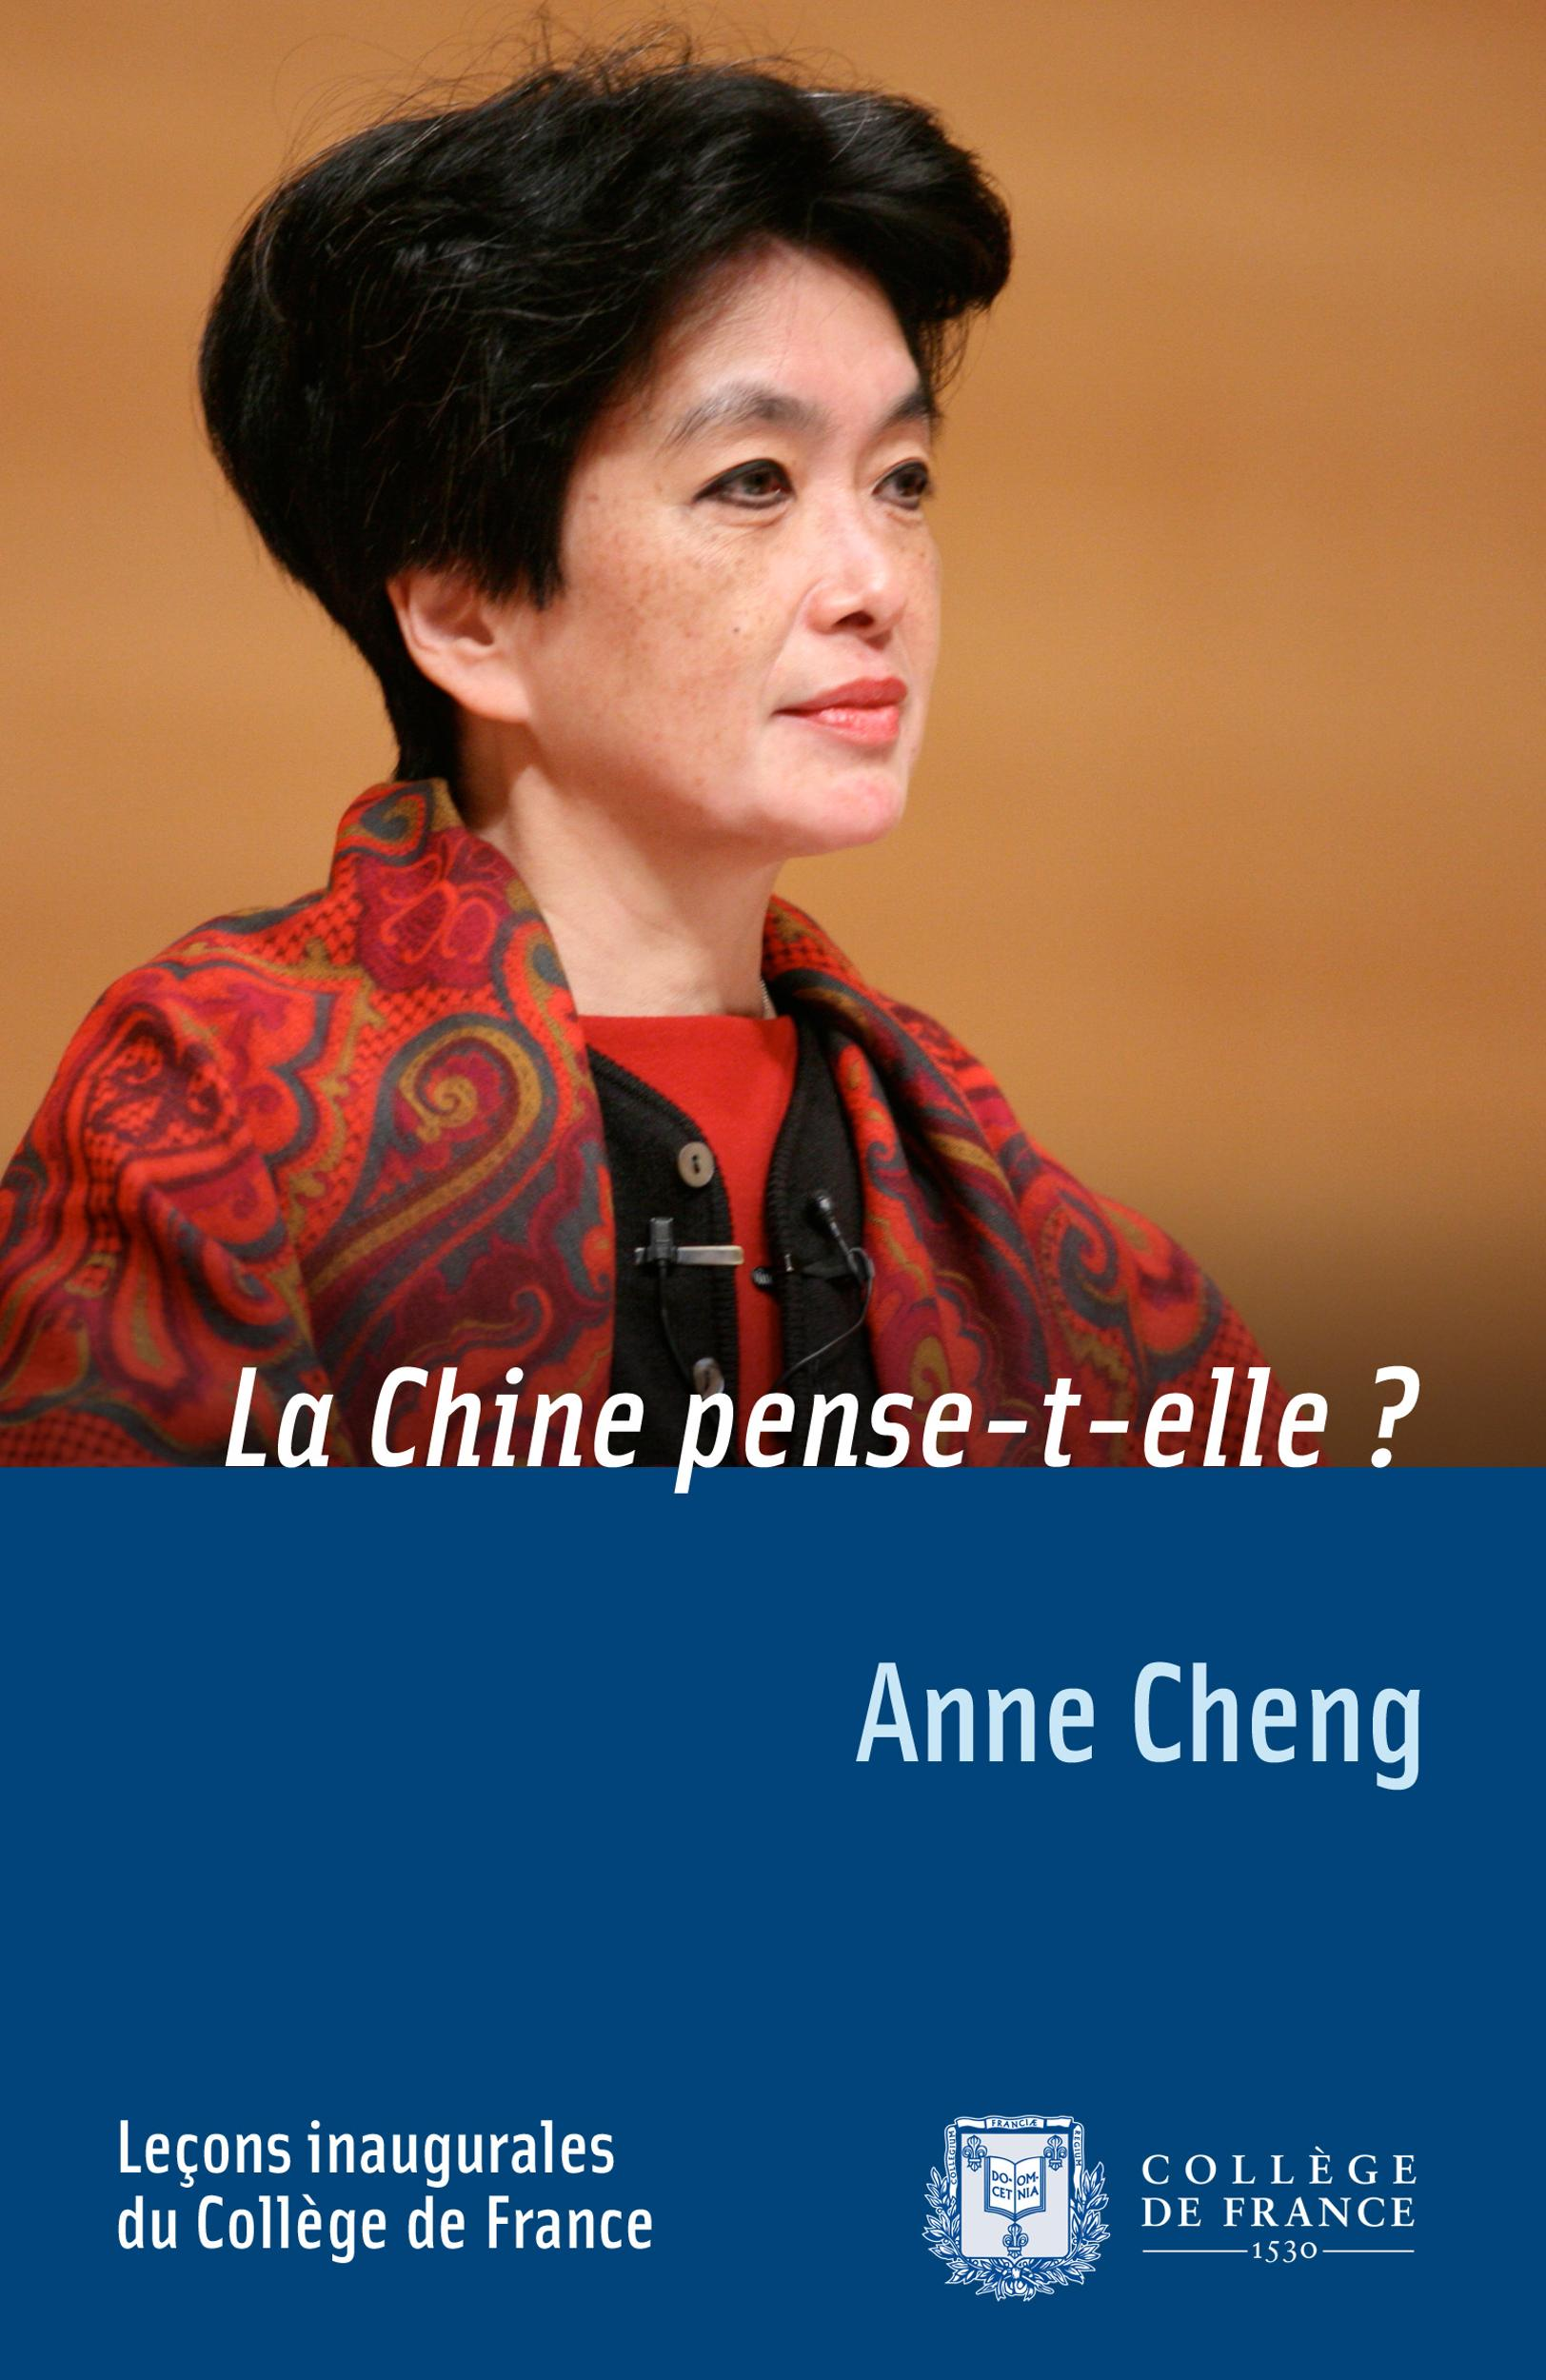 La Chine pense-t-elle?, LEÇON INAUGURALE PRONONCÉE LE JEUDI 11DÉCEMBRE2008